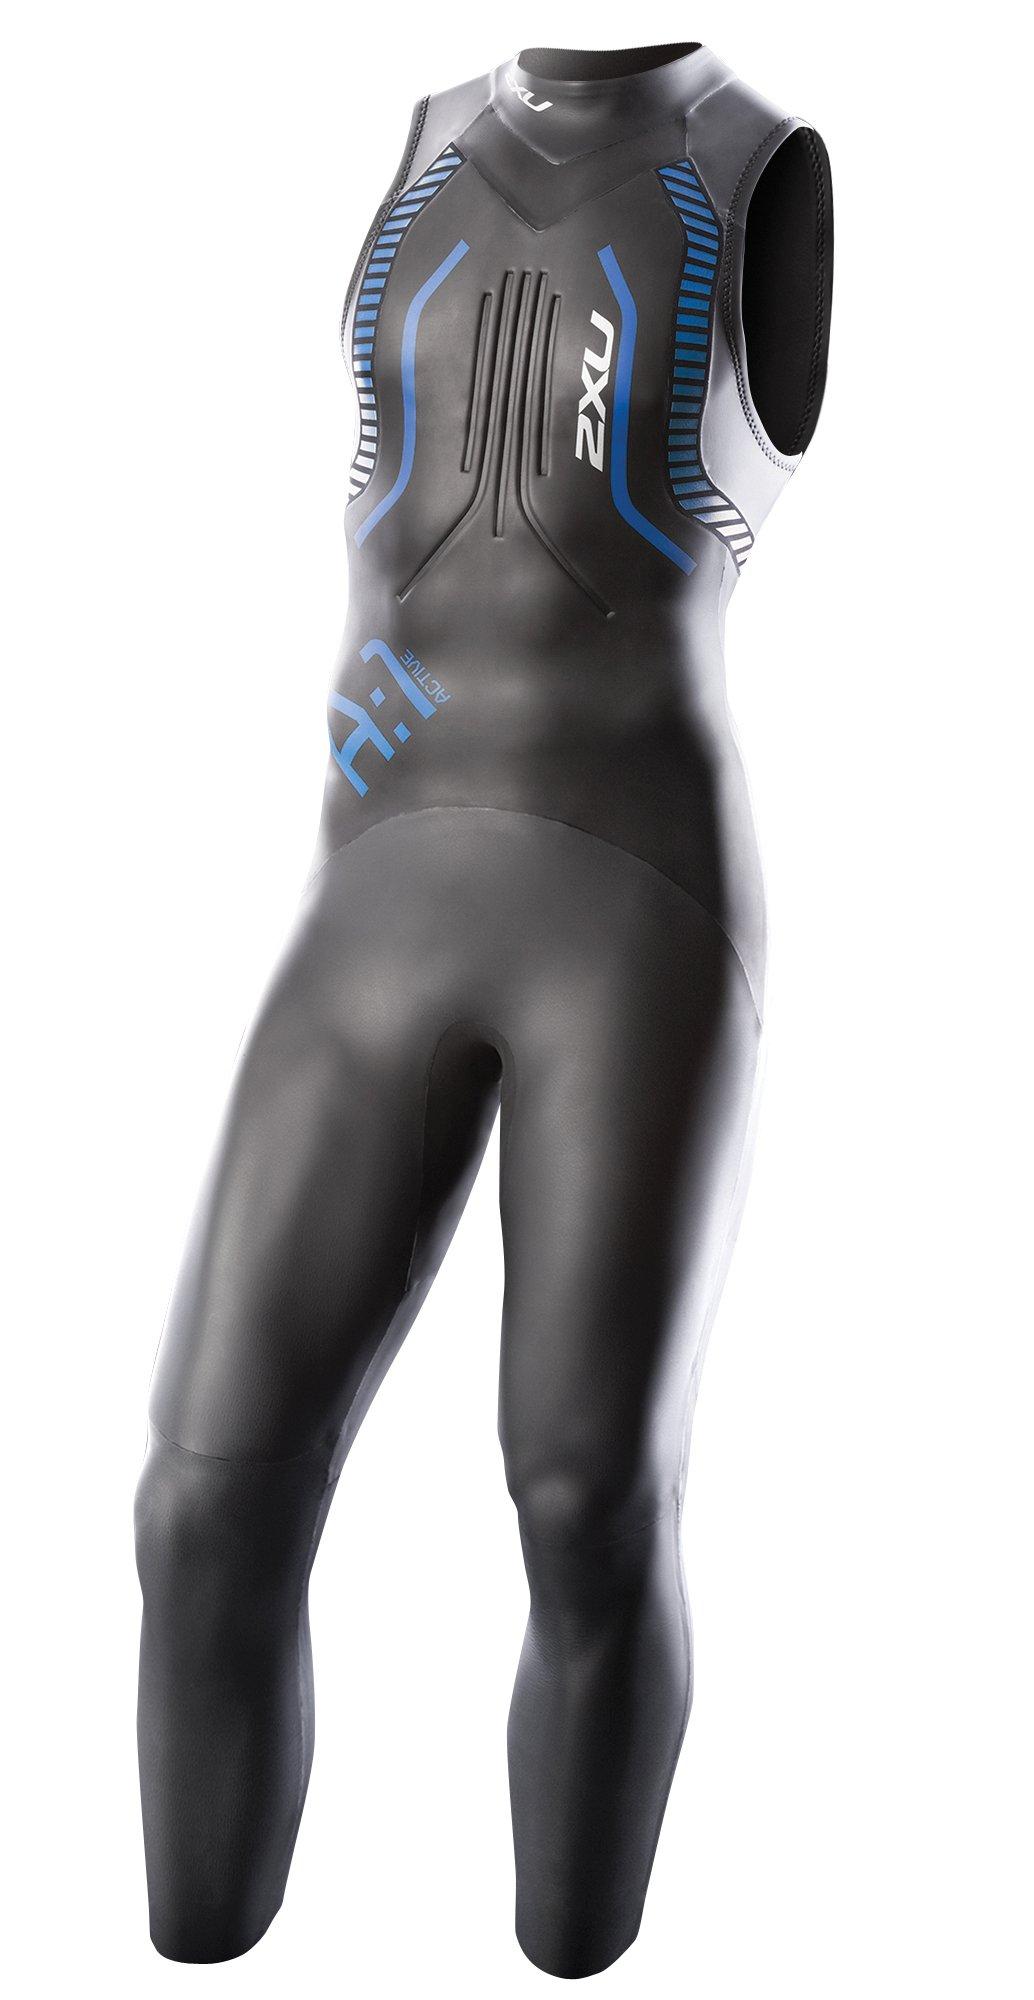 2XU Men's A:1 Active Sleeveless Wetsuit, Medium, Black/Cobalt Blue by 2XU